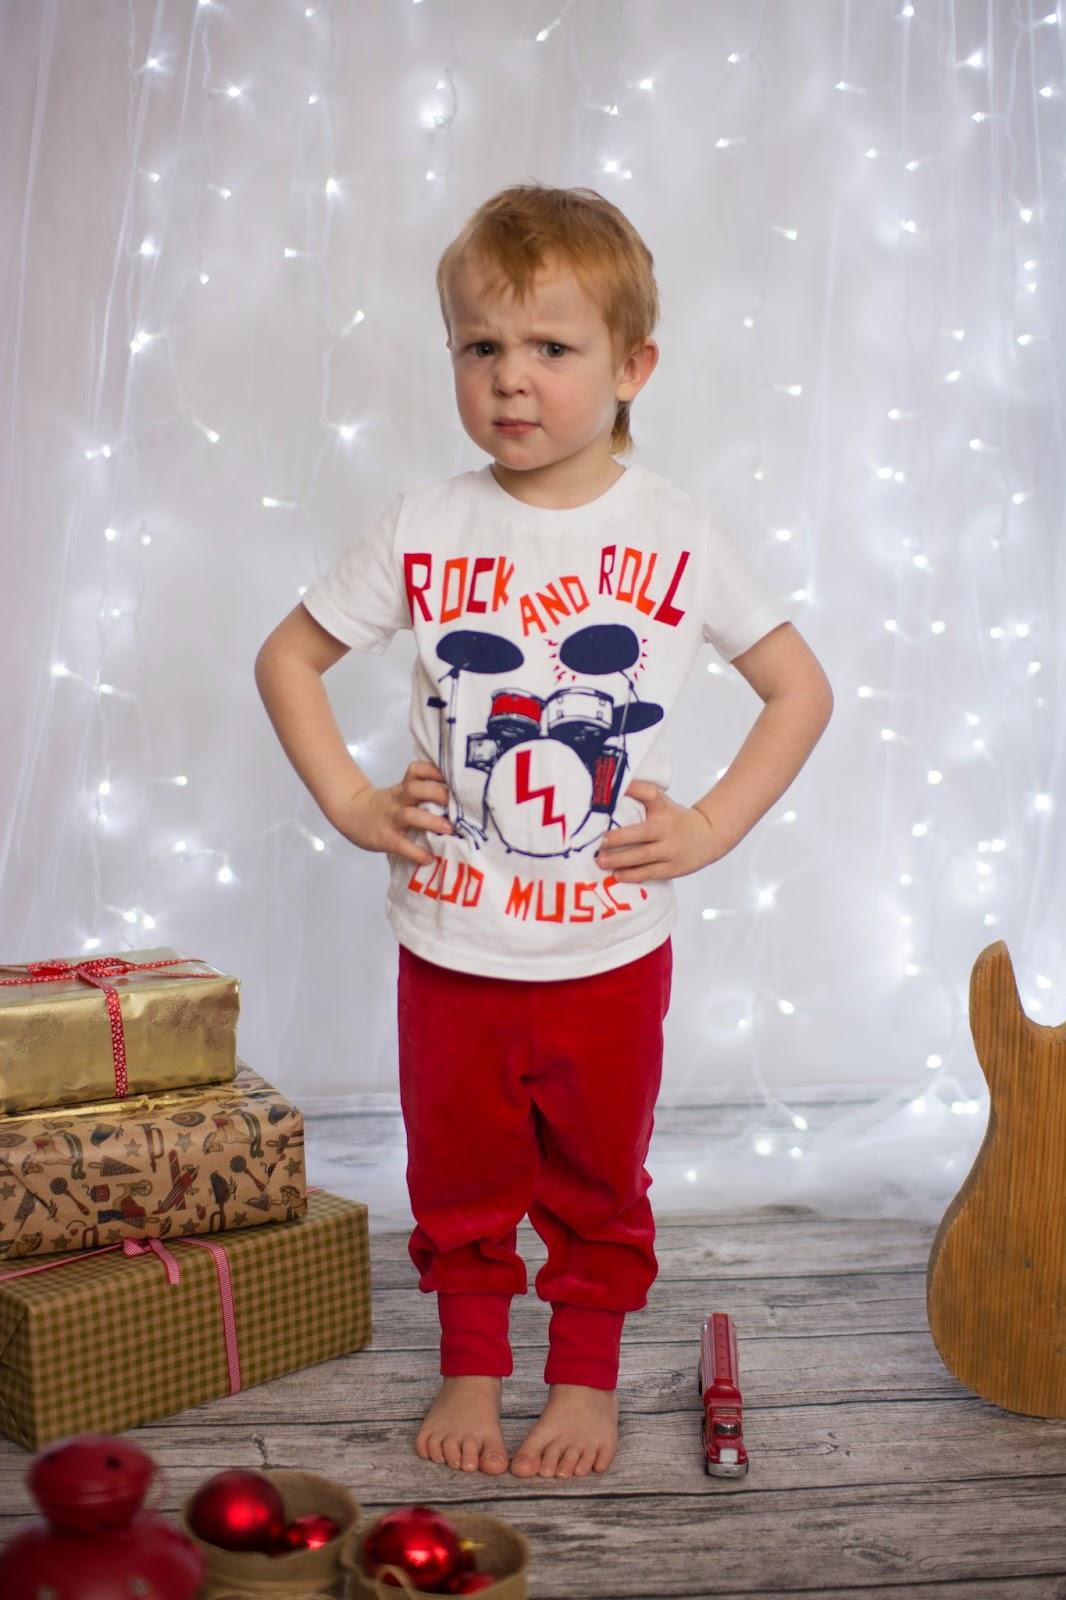 Фотографии детей, детская фотография, kids photot ideas, мама и малыш фотграфии